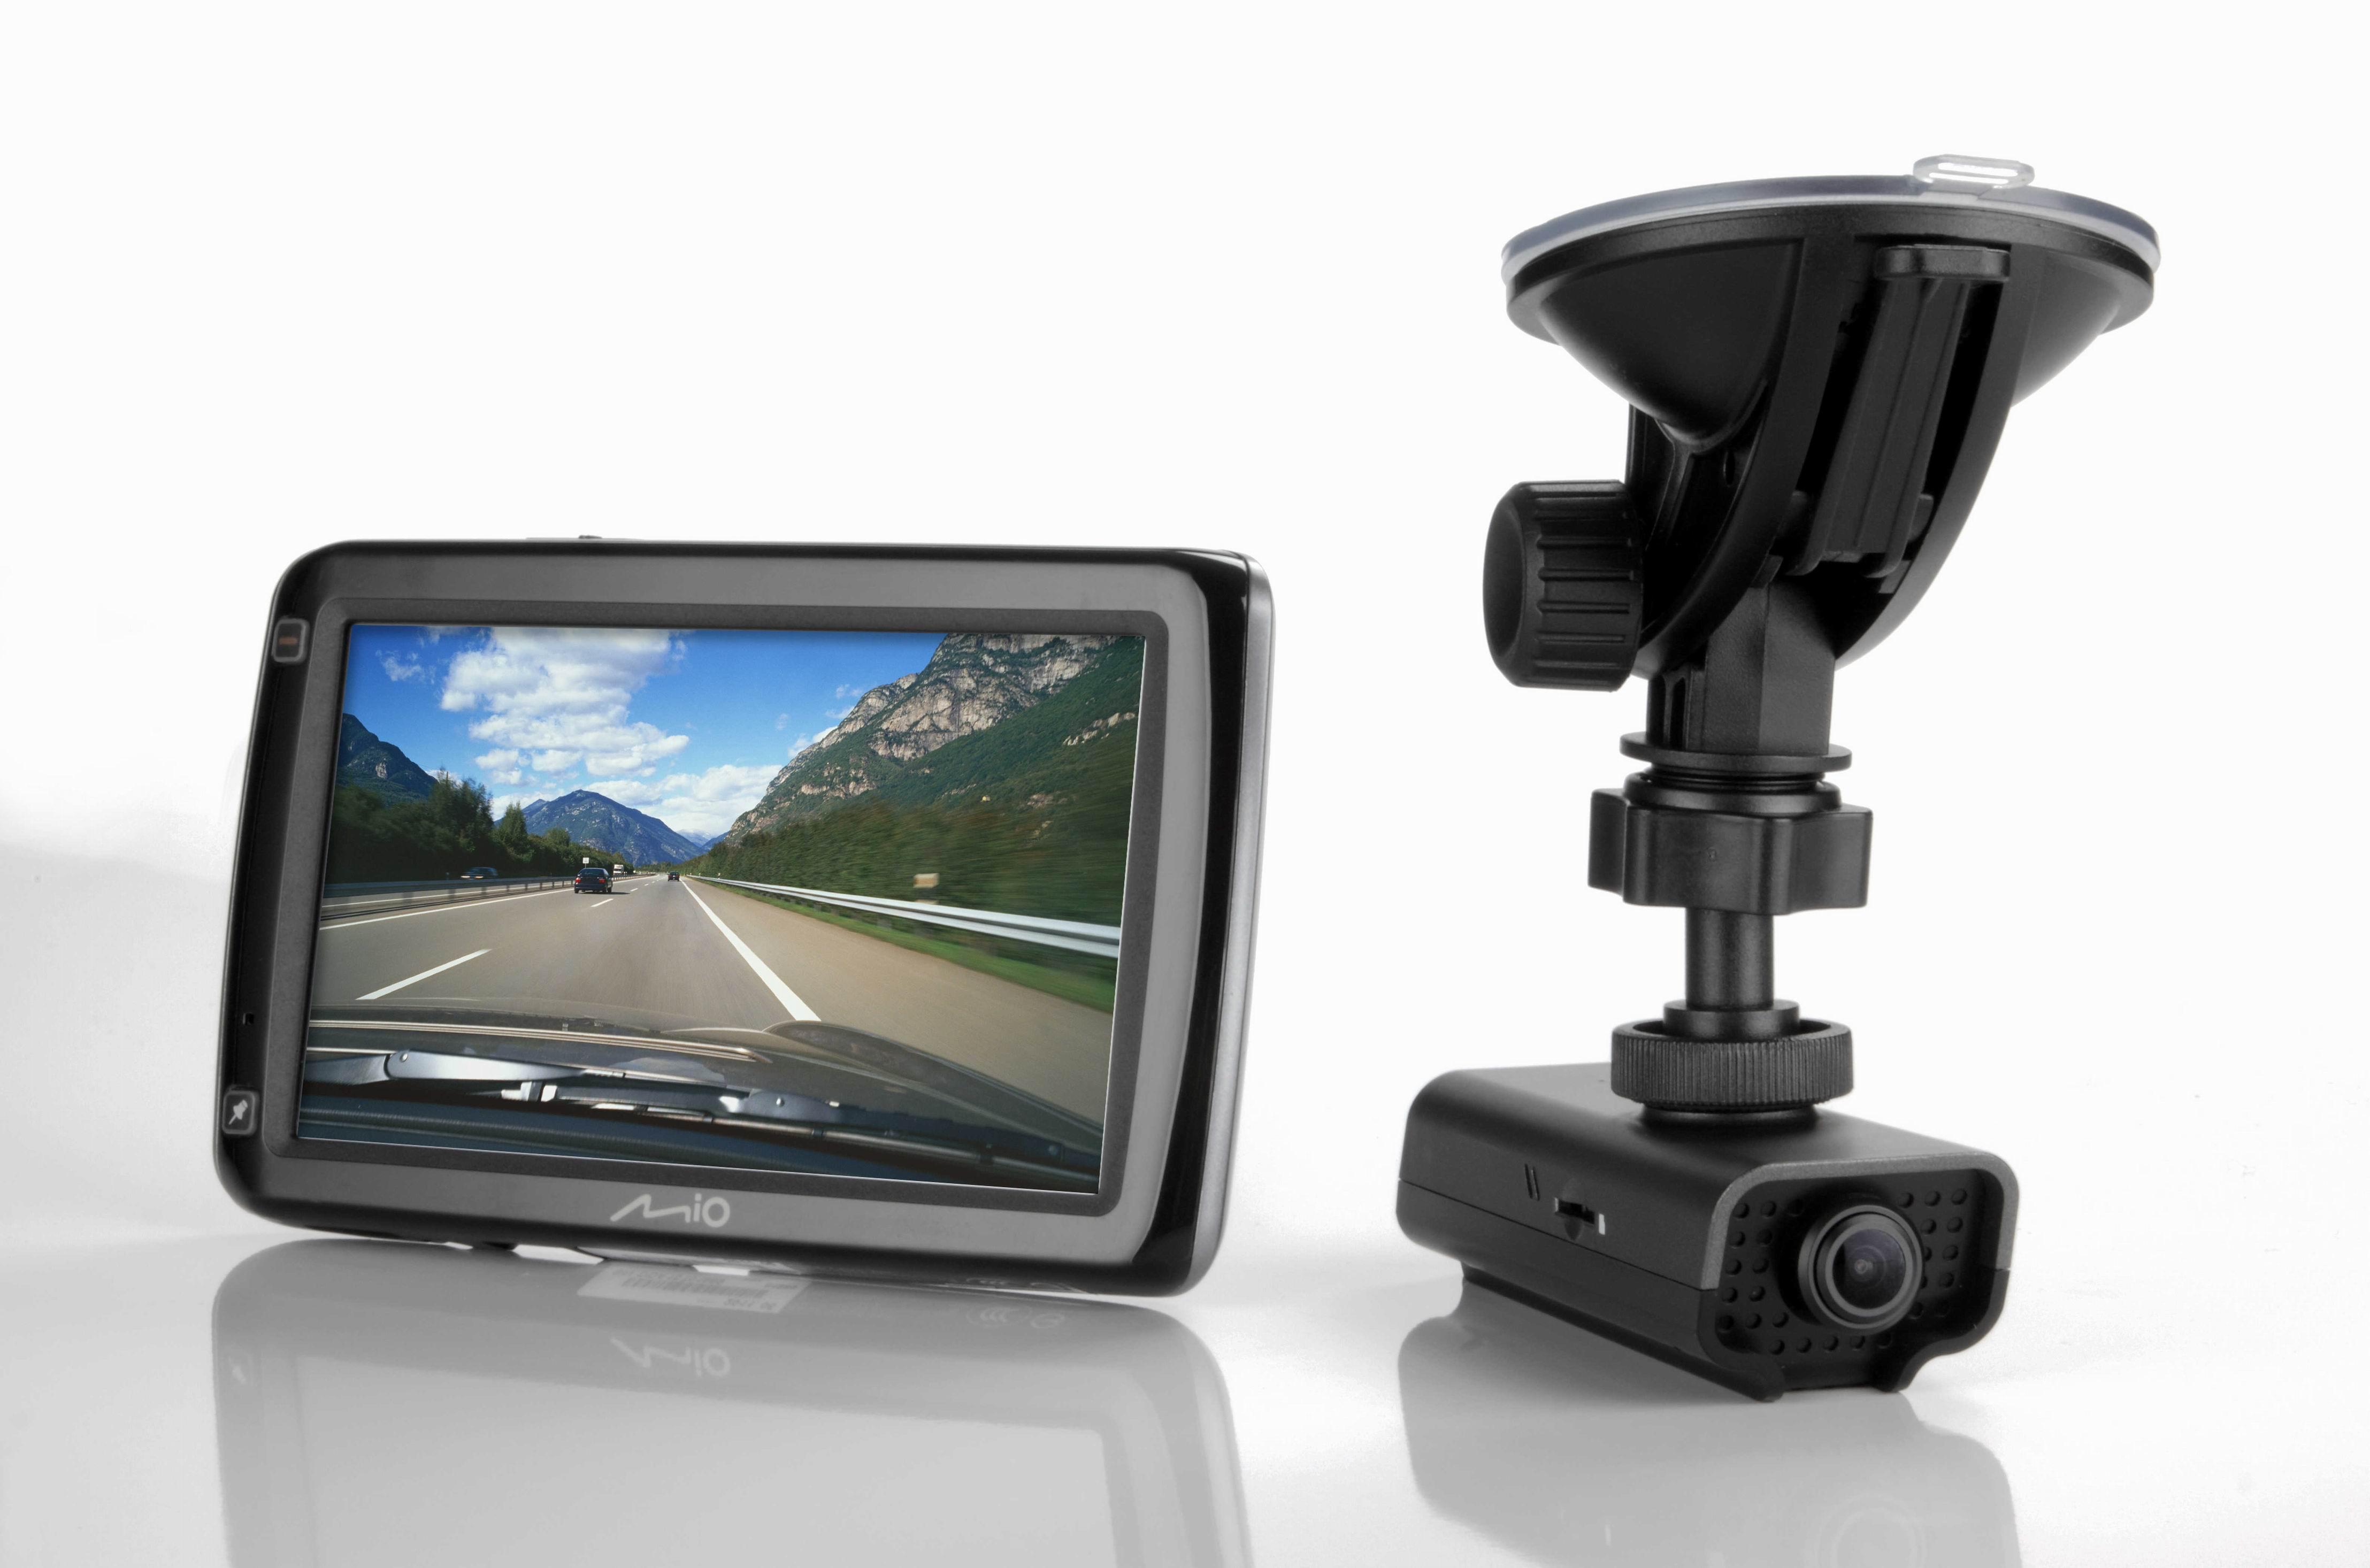 самое лучшее качество видео видеорегистратора